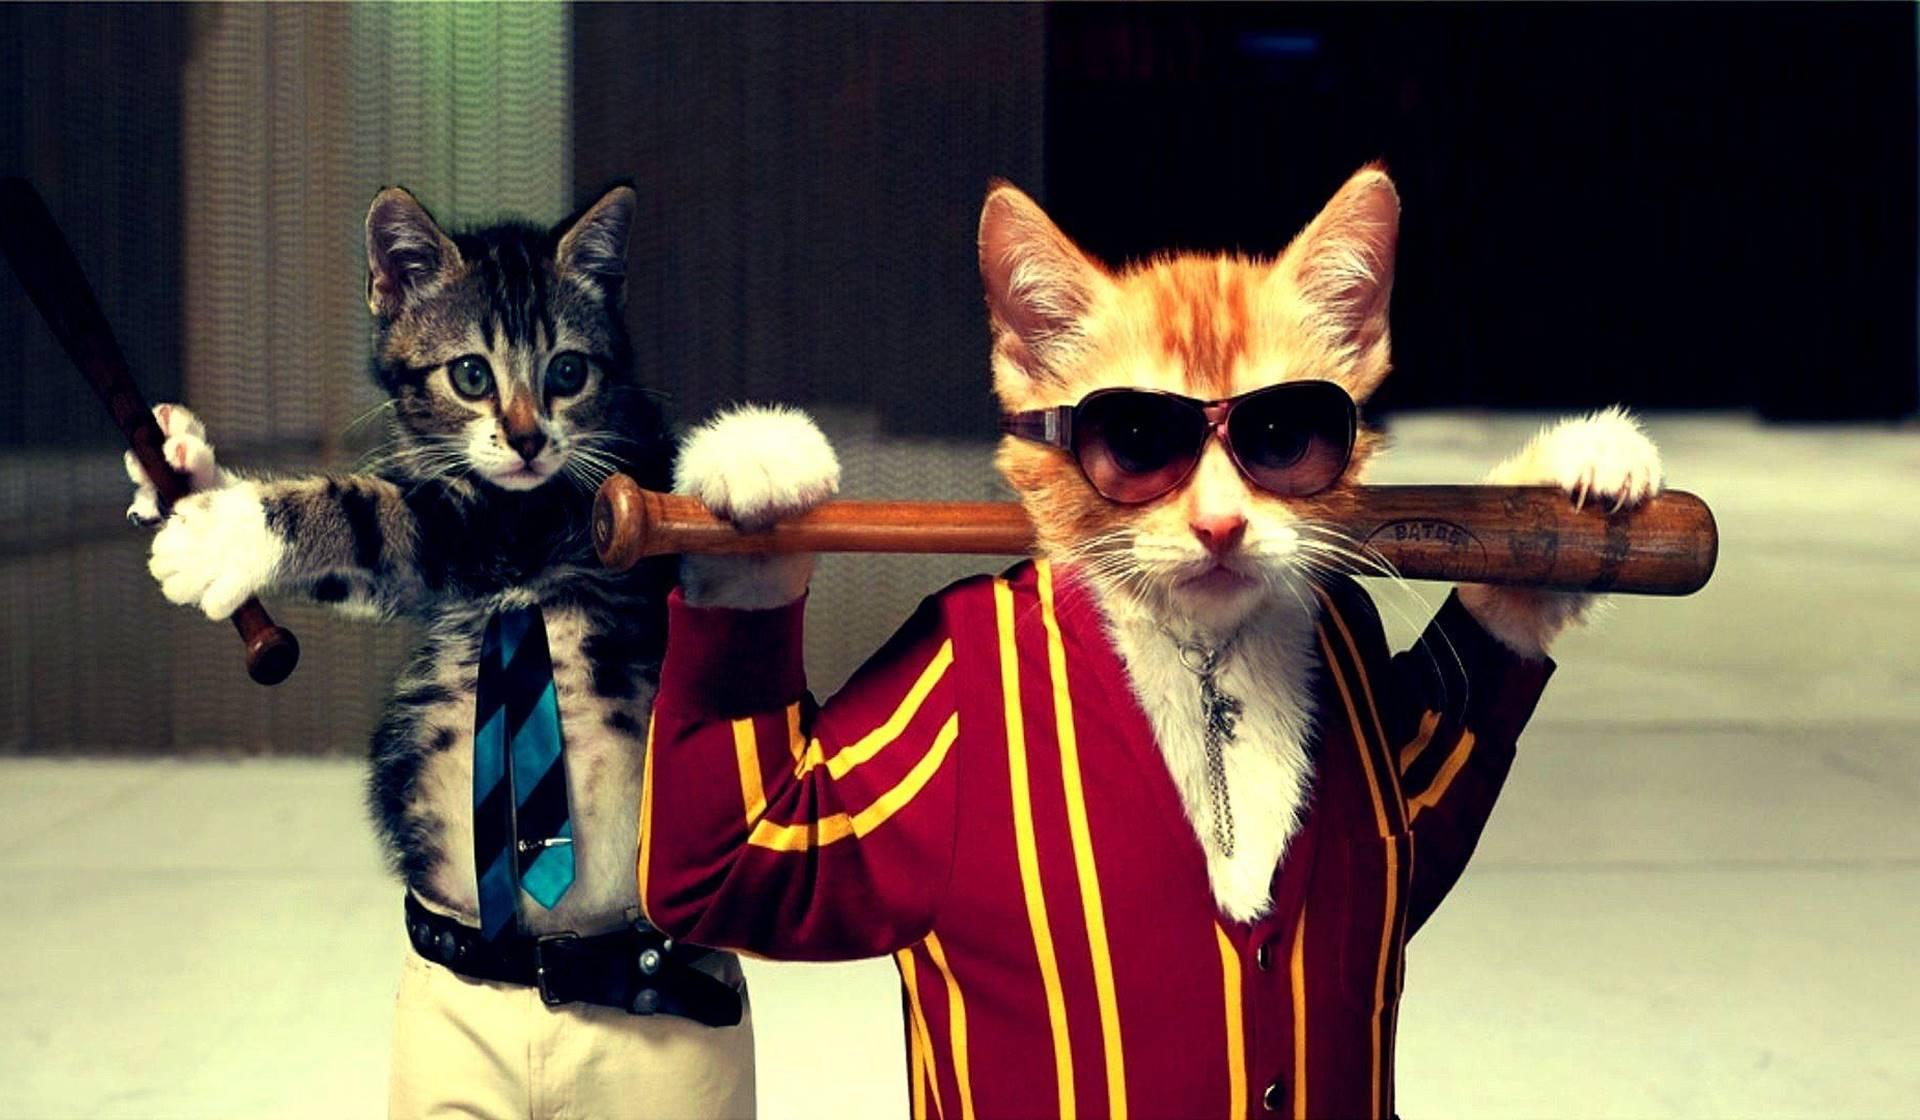 La tarea de cuidar gatos que no son tuyos